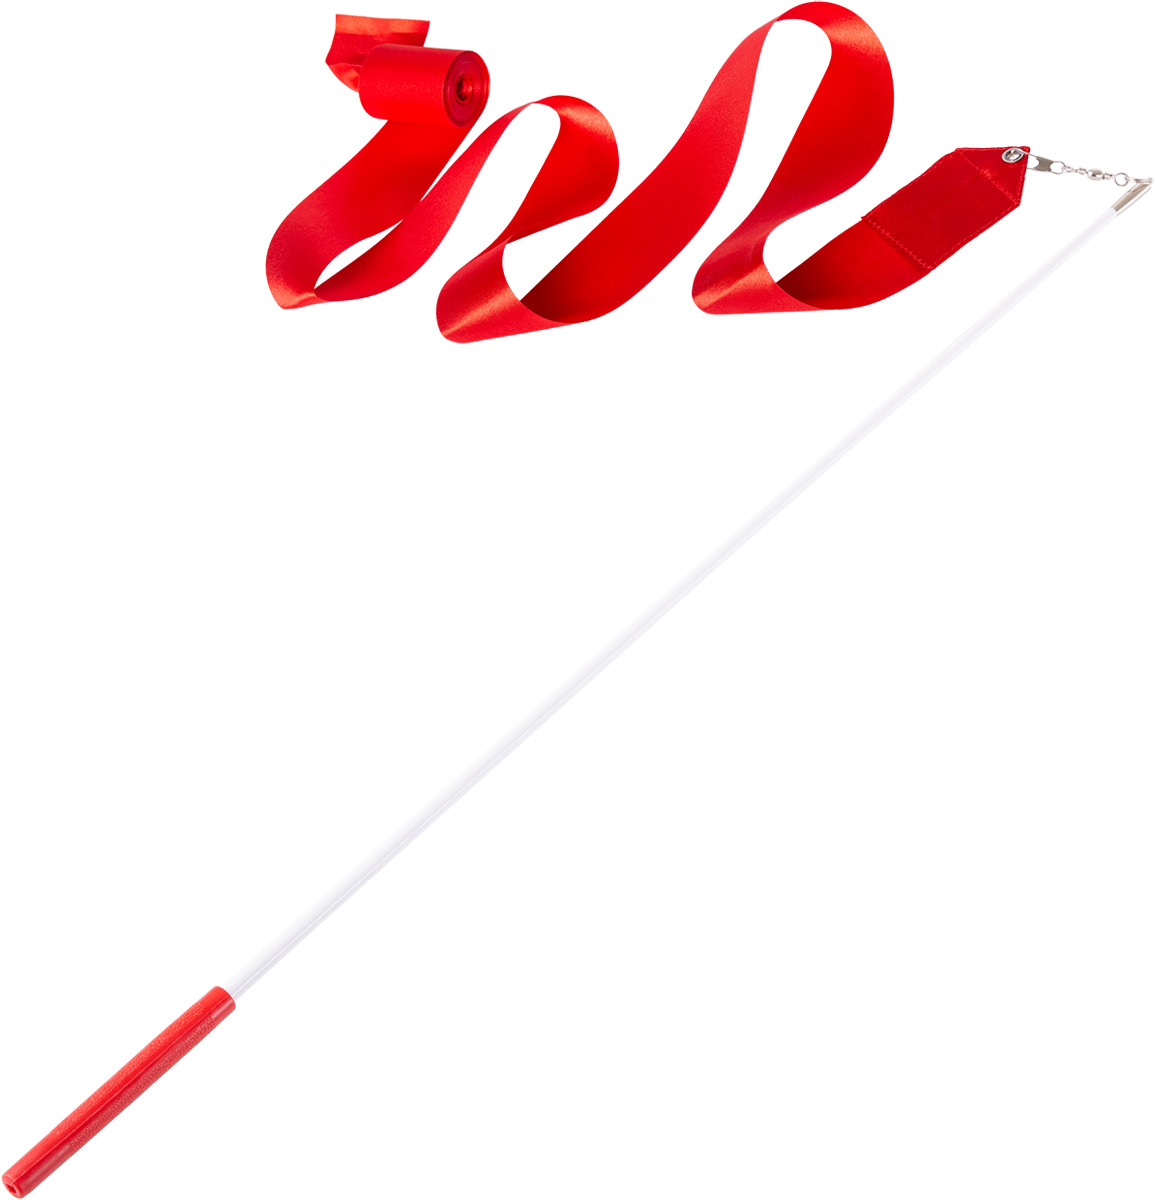 Лента для художественной гимнастики Amely AGR-201, длина 4 м, с палочкой 46 см, цвет: красный лонгслив для гимнастики малыши